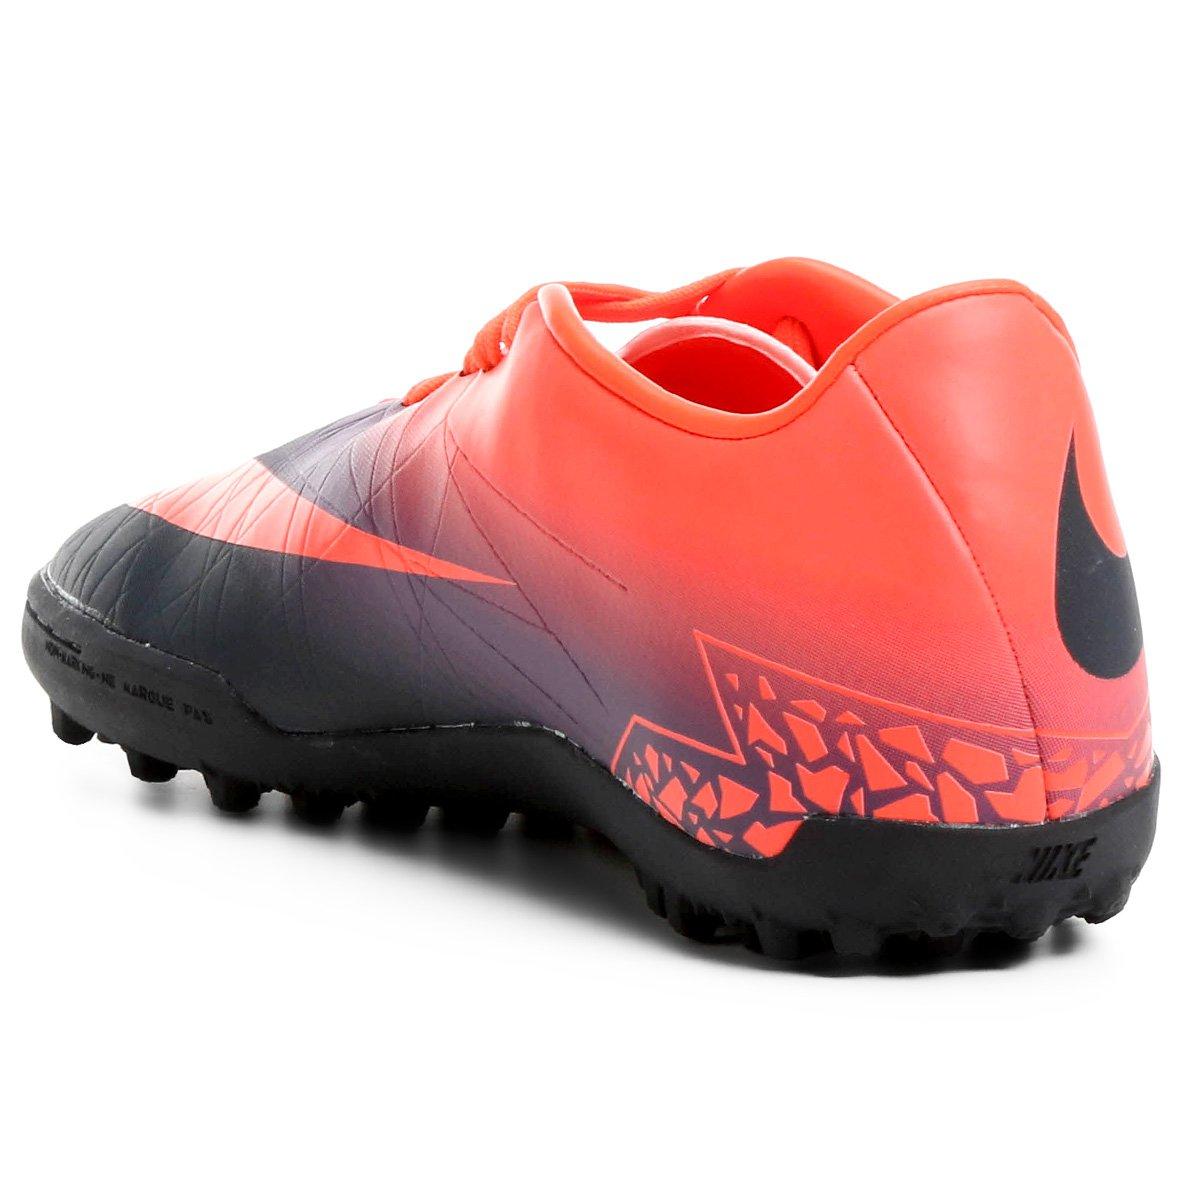 8602fce3364ae Chuteira Society Nike Hypervenom Phelon 2 TF   Livelo -Sua Vida com Mais  Recompensas